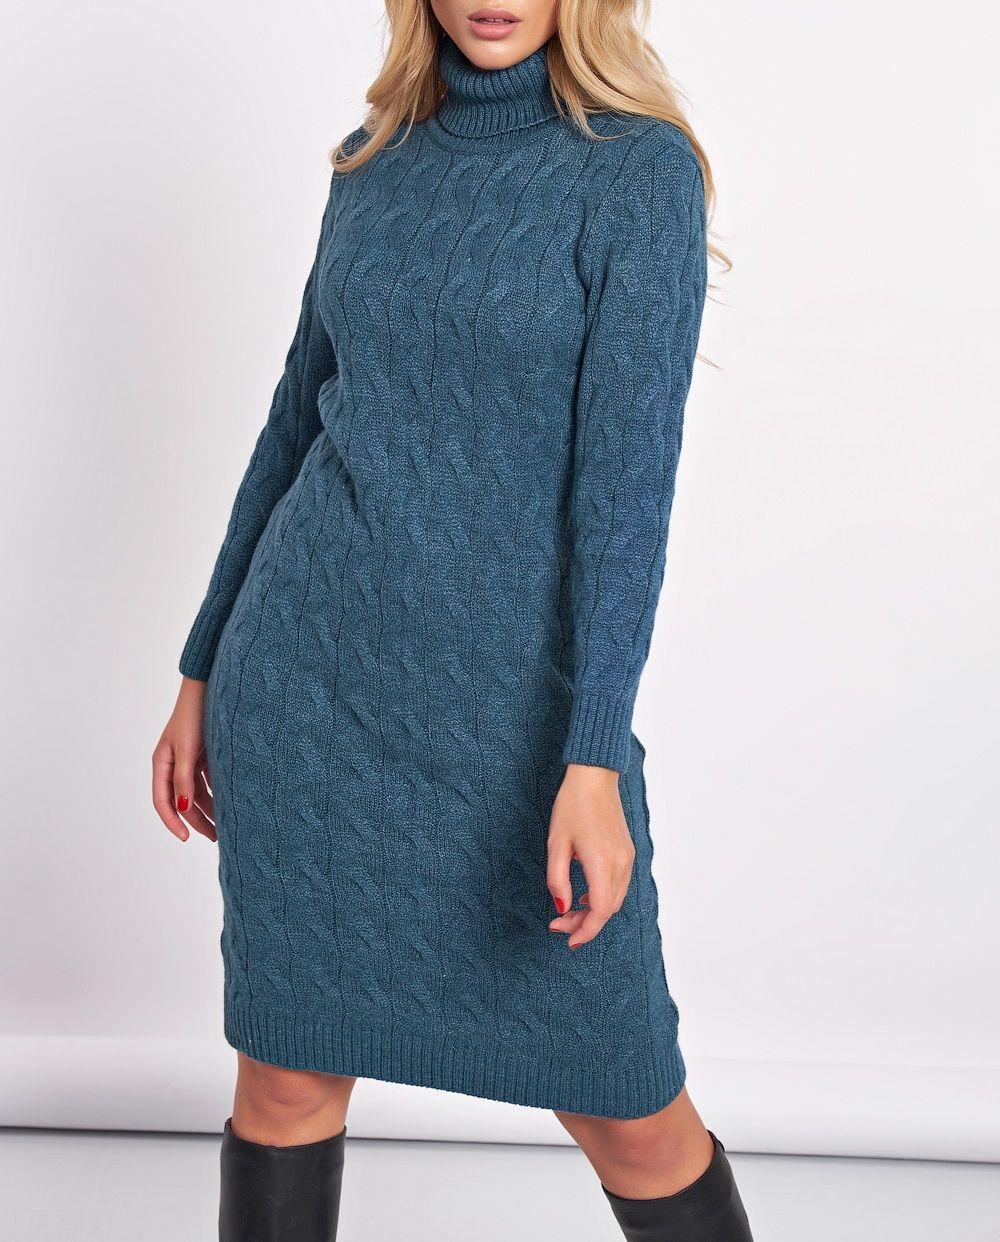 Платья ручной работы. Ярмарка Мастеров - ручная работа. Купить Платье вязанное морская молна. Handmade. Платье летнее